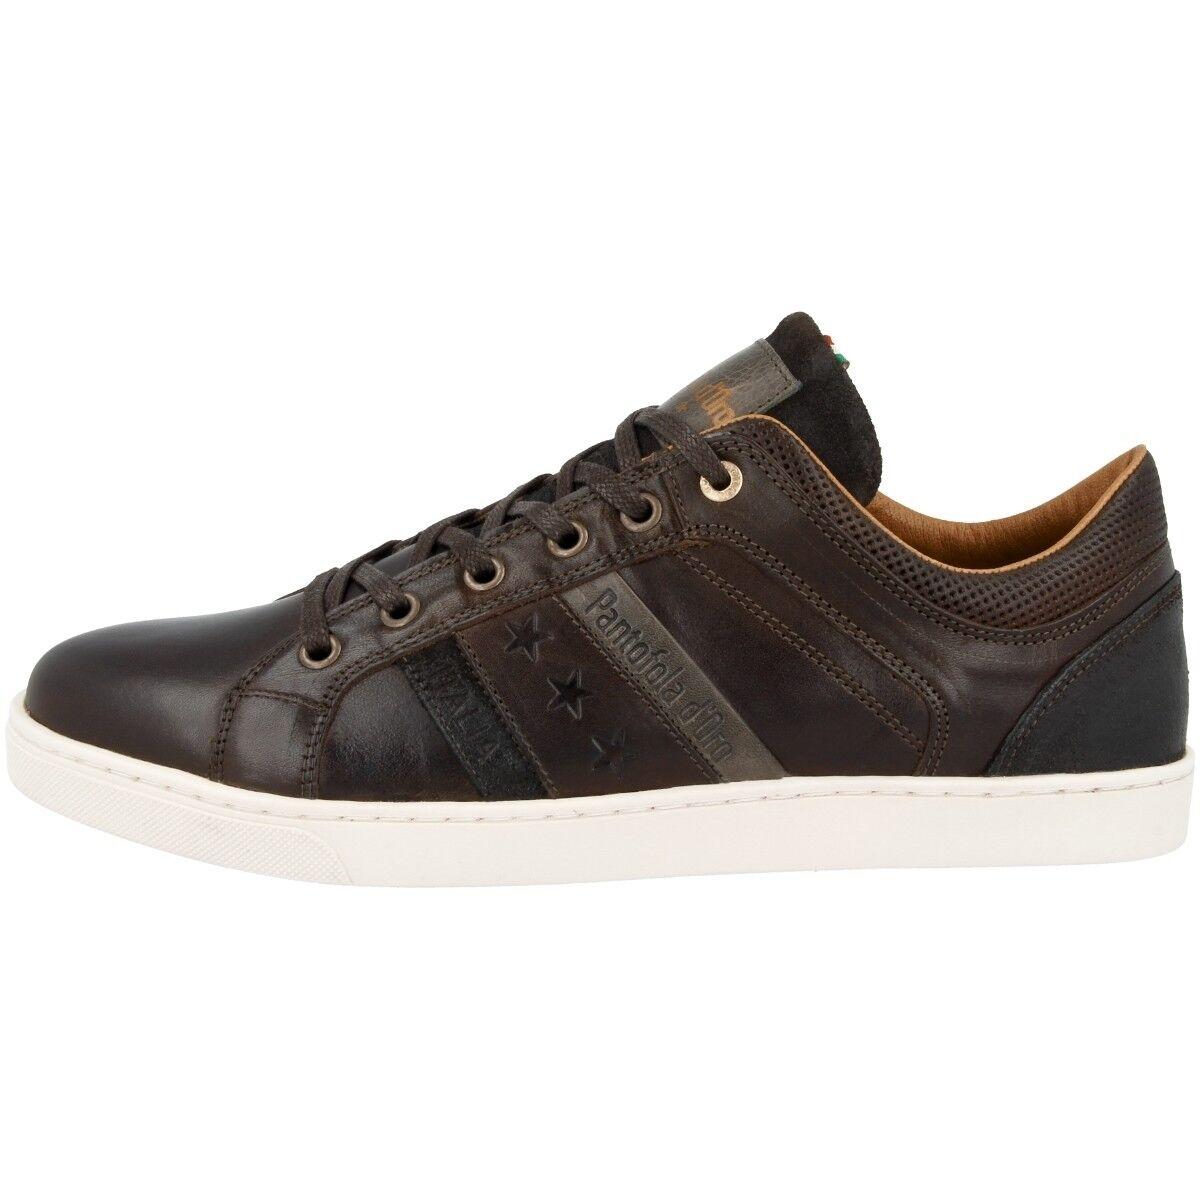 Pantofola d Oro Enzo Uomo Low Schuhe Freizeit Sneaker coffee bean 10183020.IKU